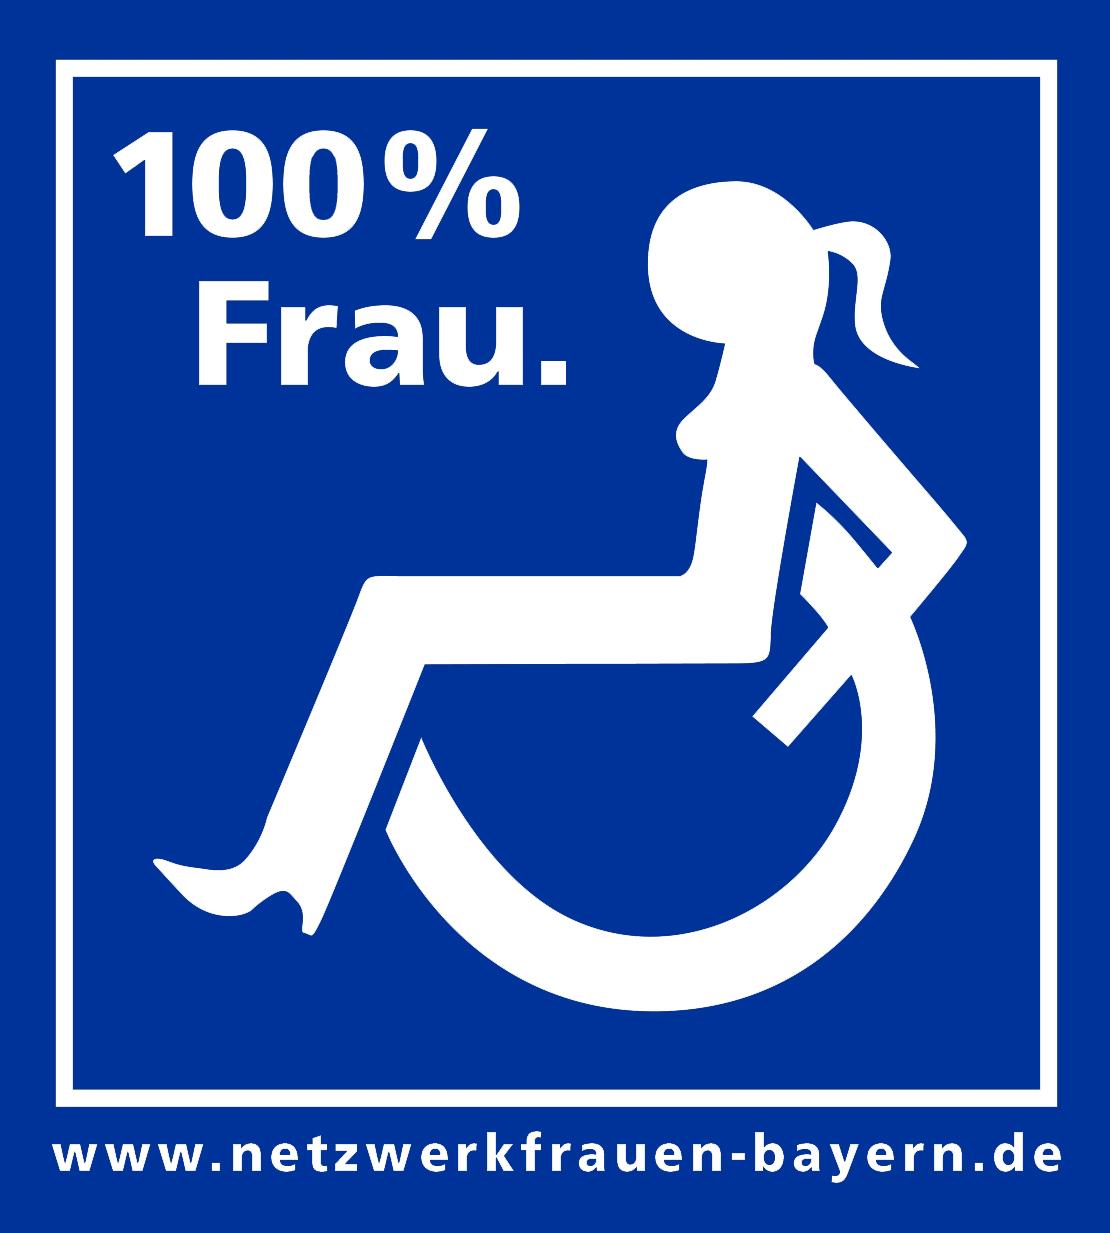 Netzwerkfrauen Bayern